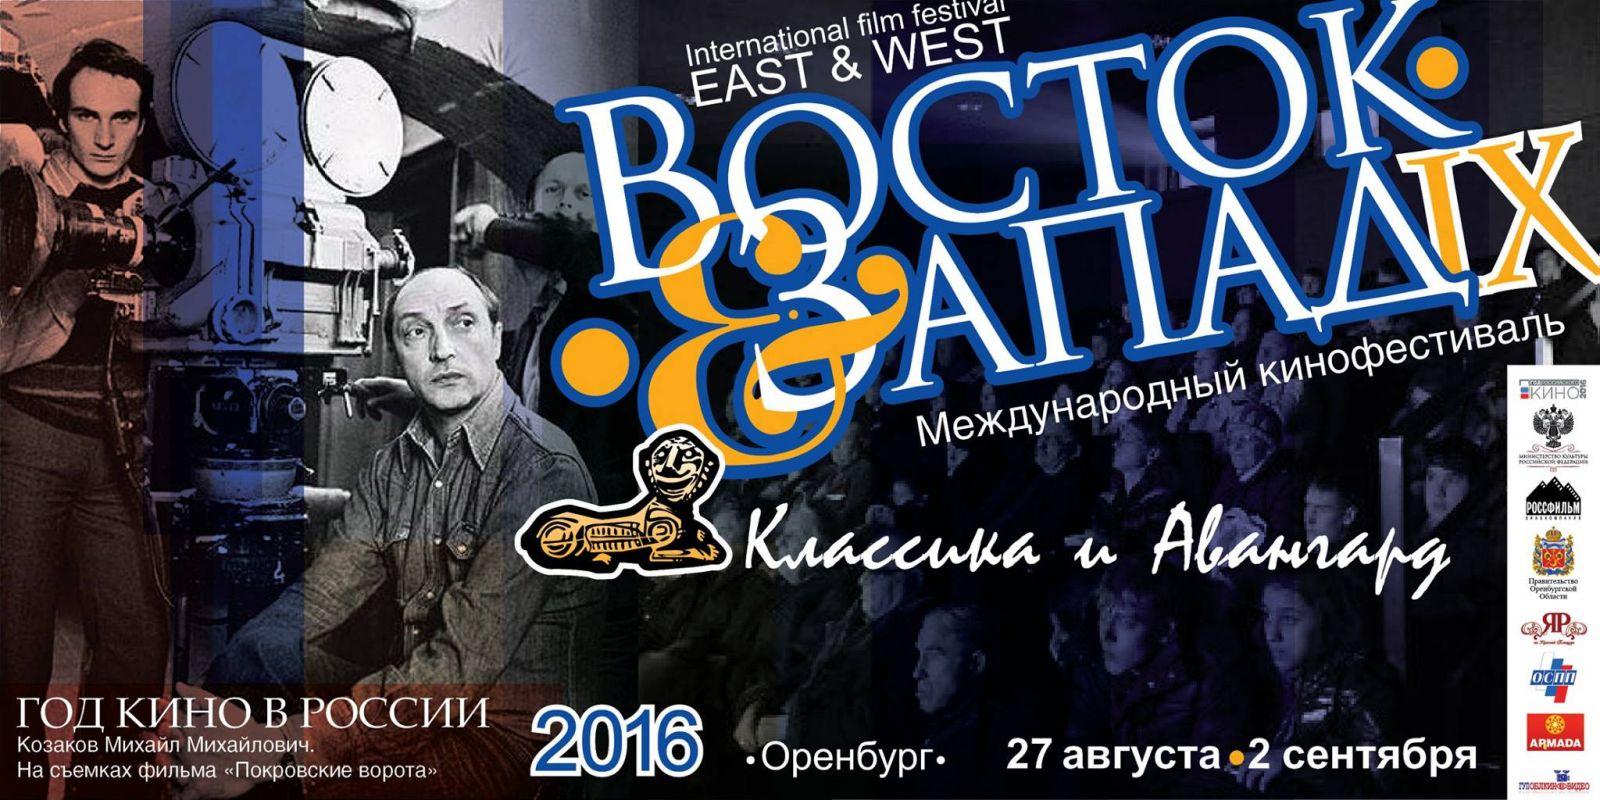 Афиша оренбург кино 2016 продажа билетов на концерты в киеве